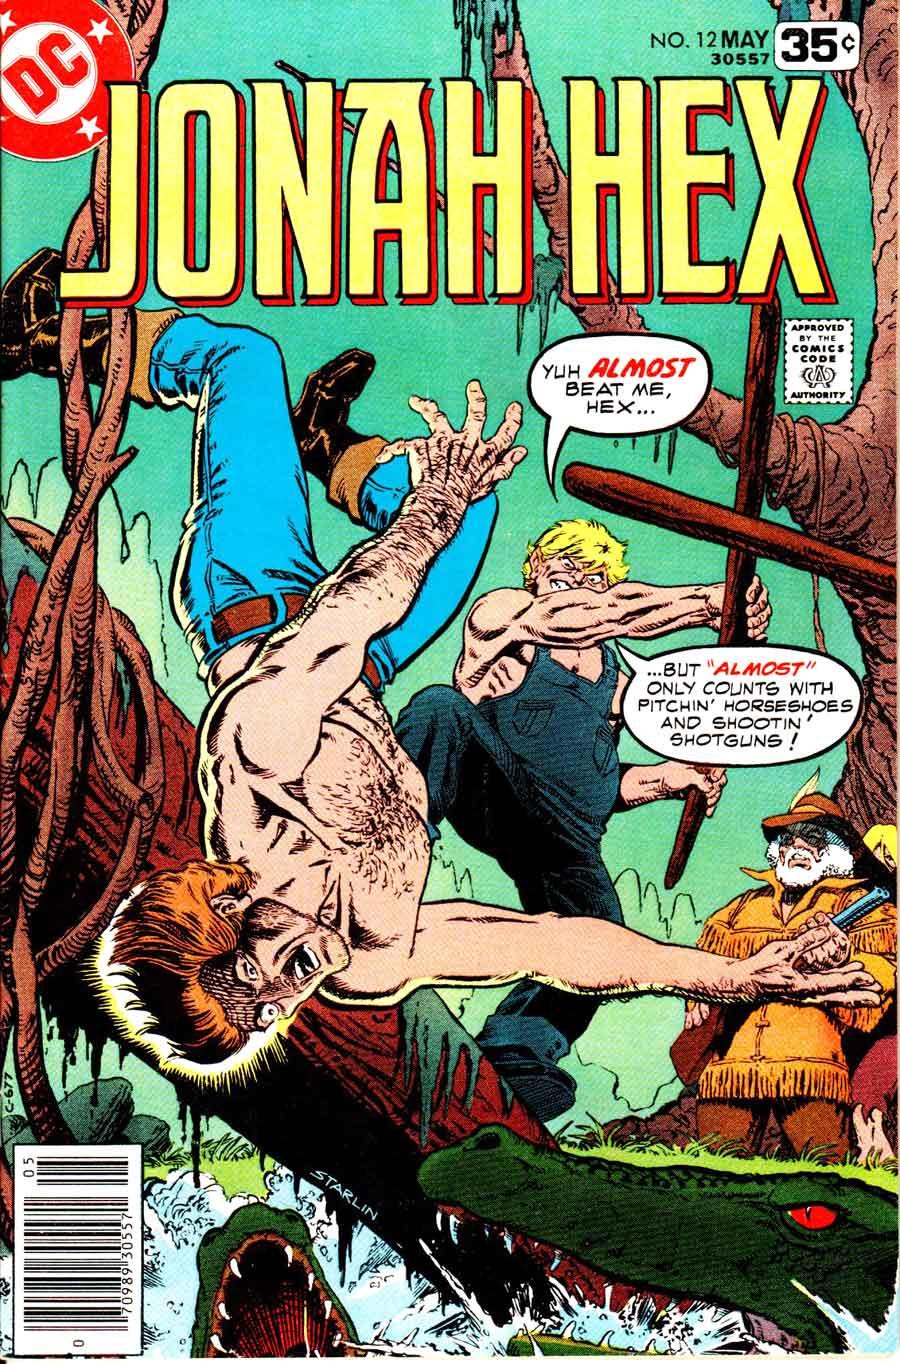 Jonah Hex v1 #12